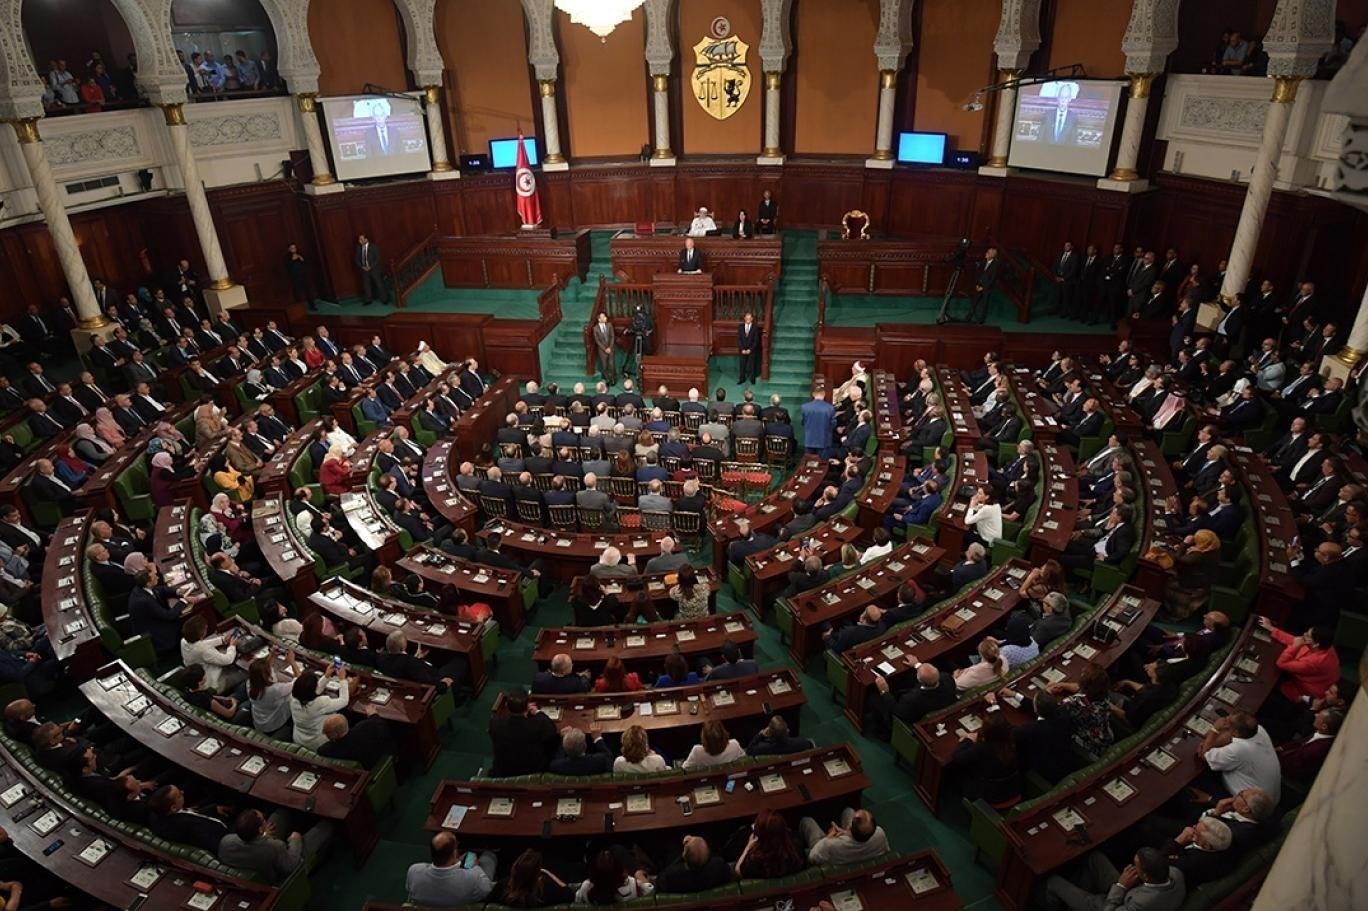 يشكل حزب النهضة حزباً رئيسياً في الائتلاف الحاكم في تونس